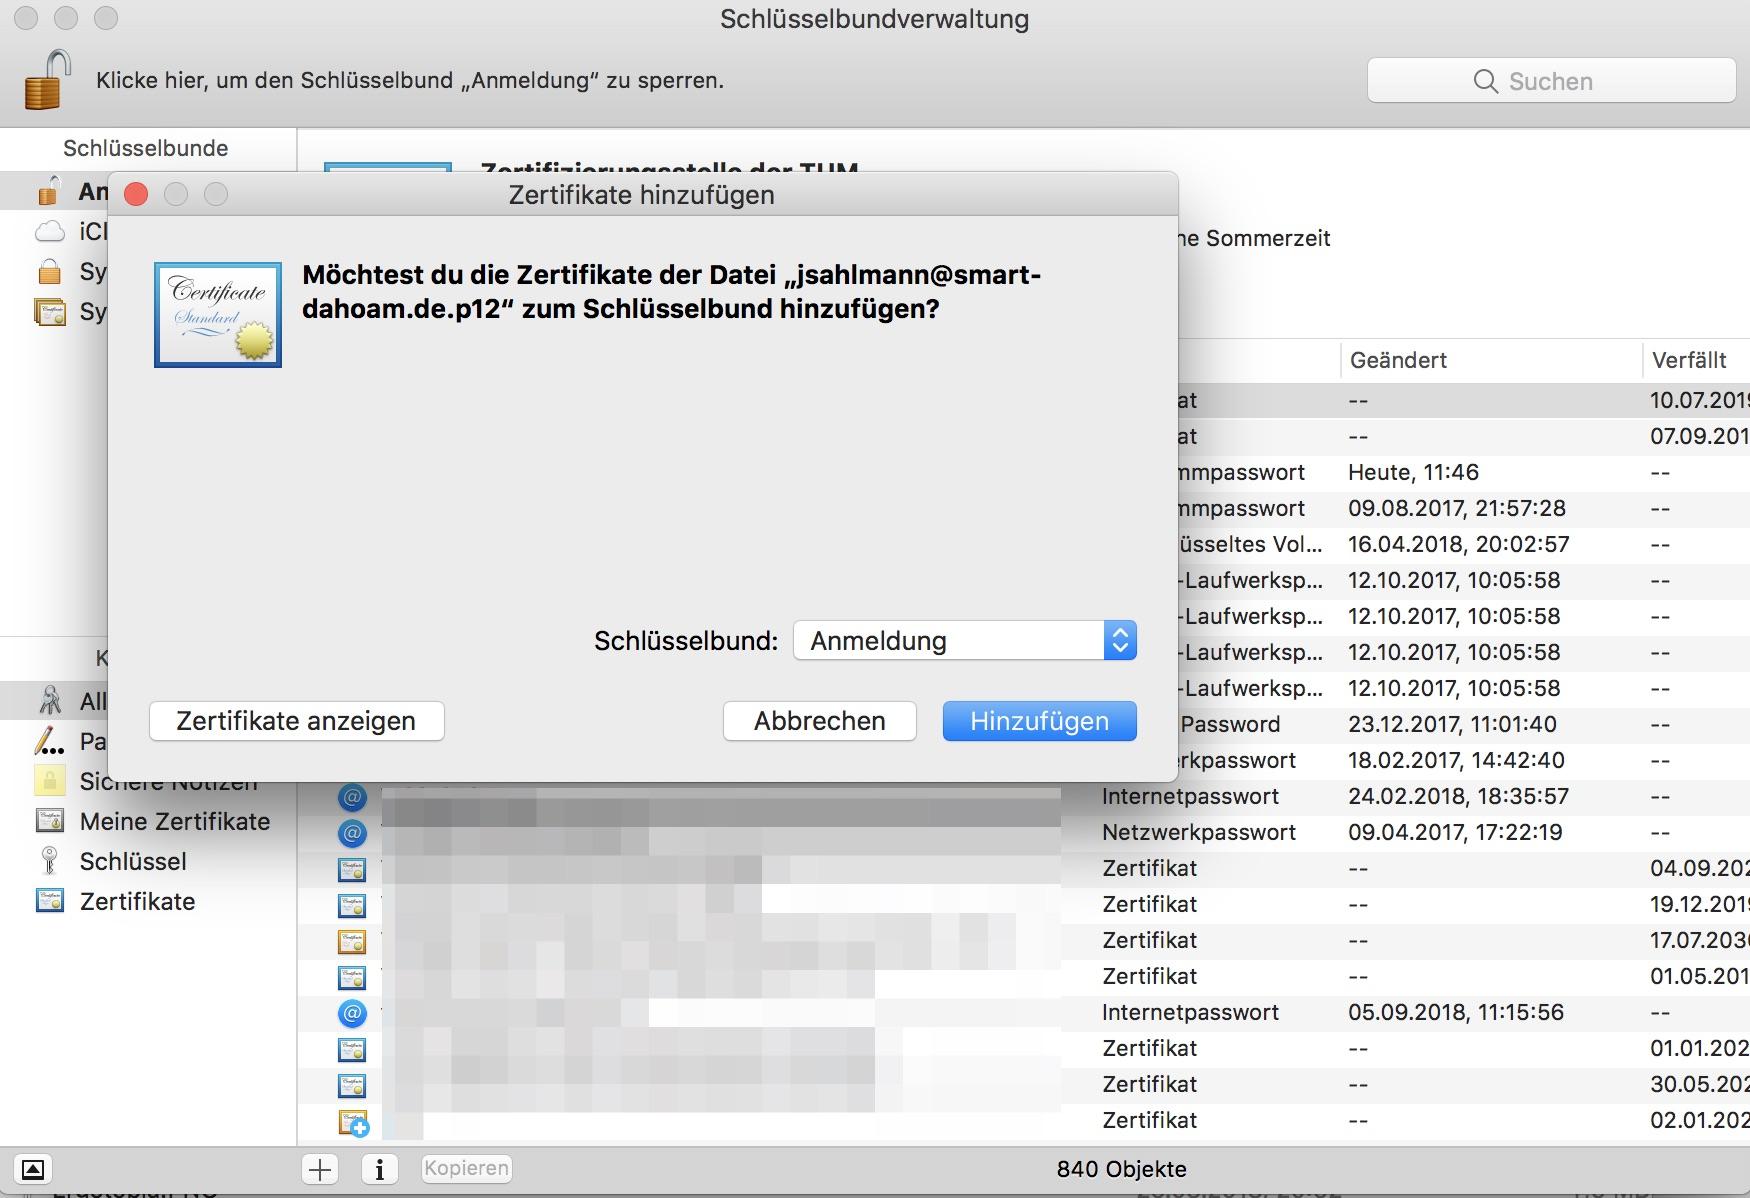 Zertifikate_hinzufügen_und_Schlüsselbundverwaltung_und_Schreibtisch_und___Smartfurniture_Finanzen